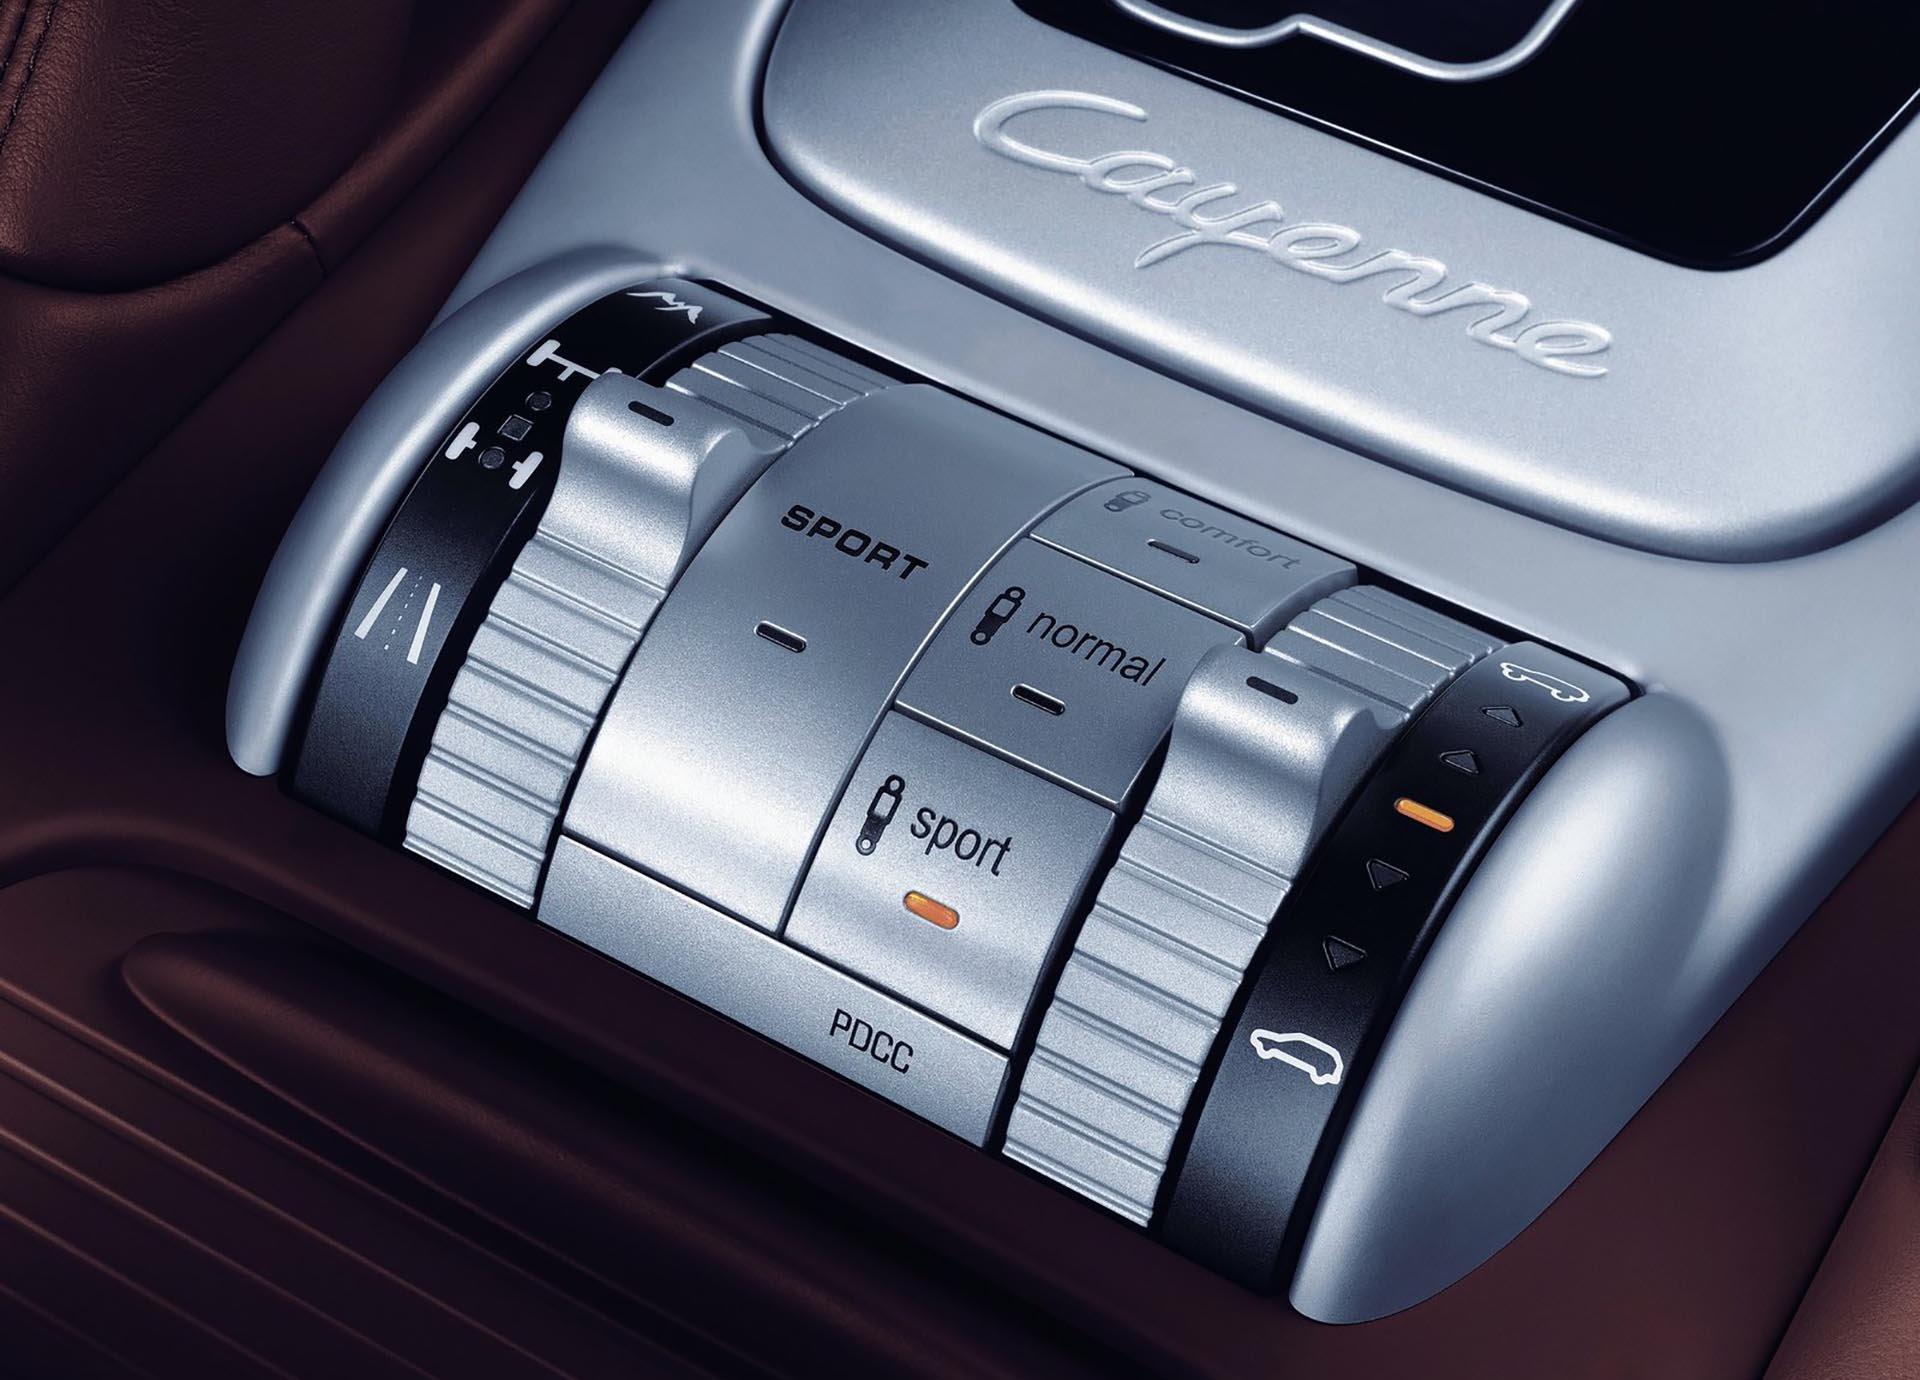 957 Porsche Cayenne PDCC 4wd controls